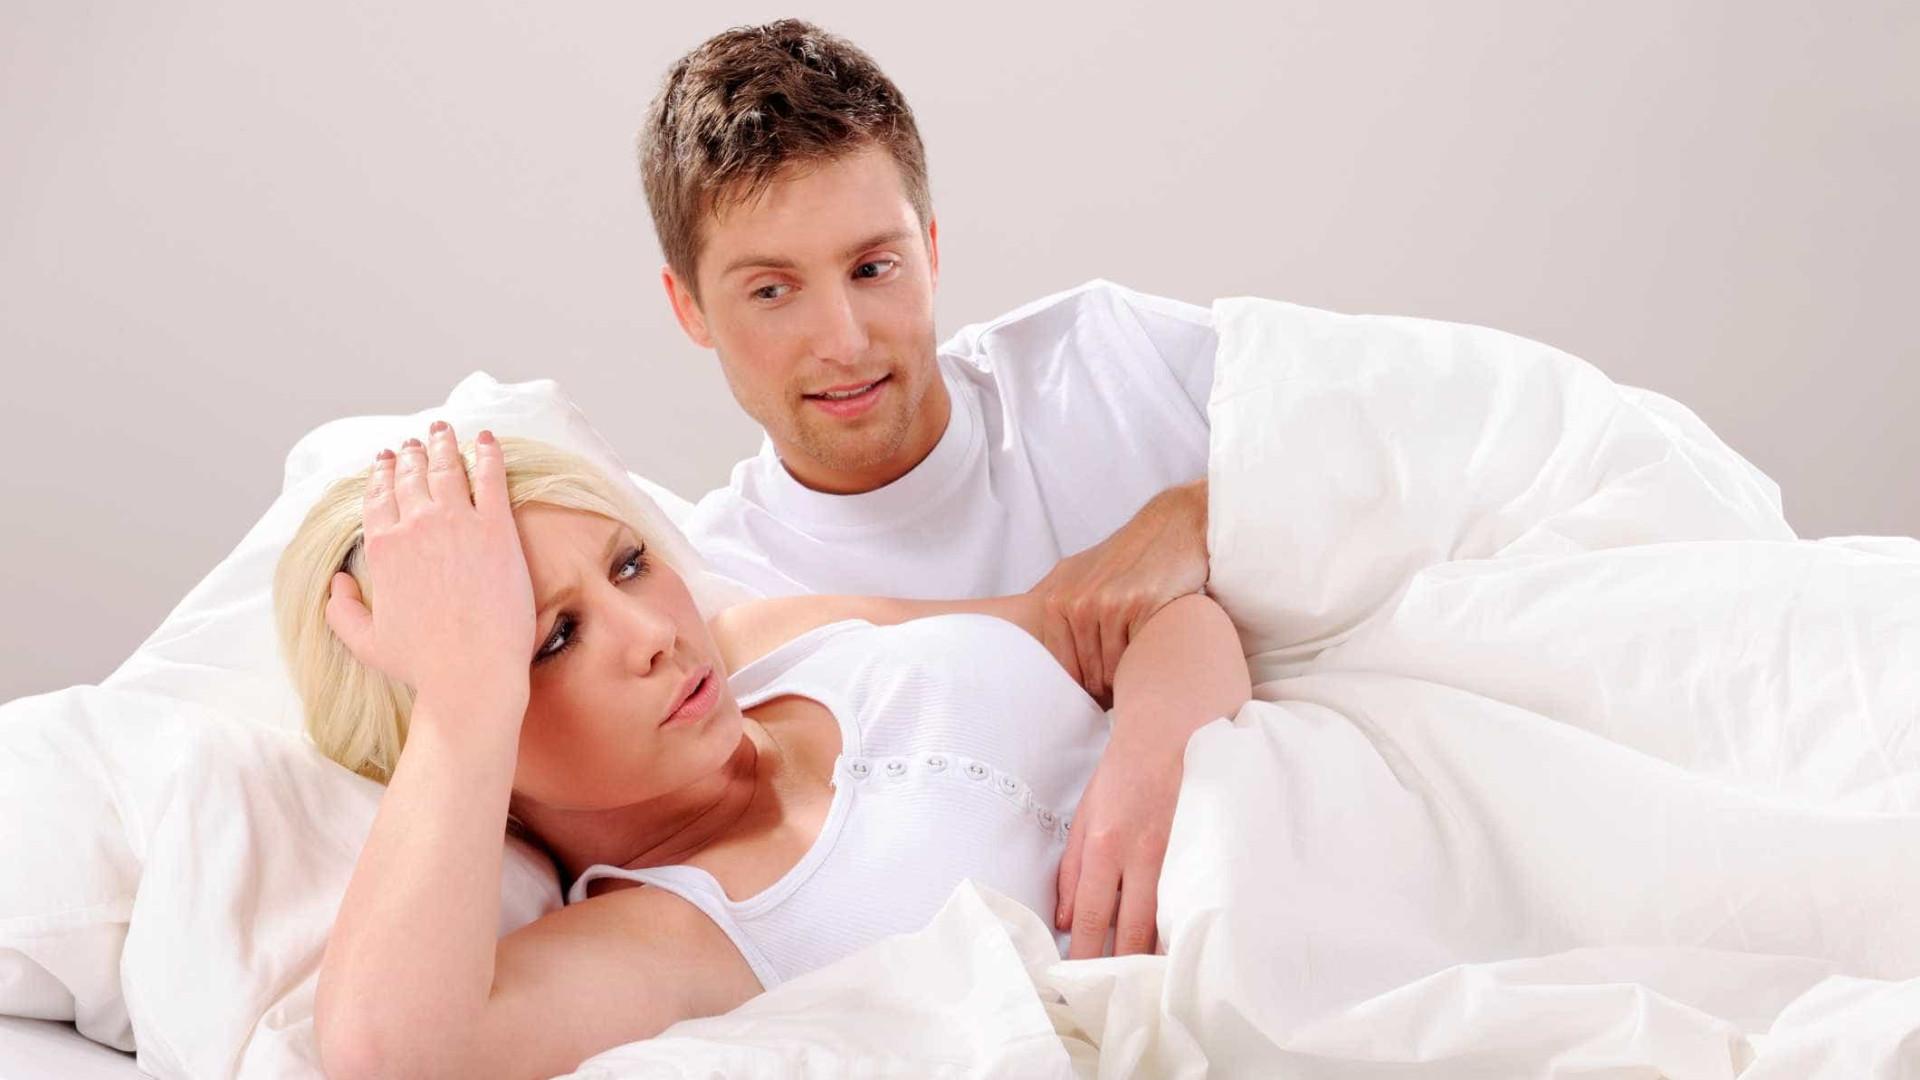 Em apenas 12 meses, as mulheres fartam-se do sexo com o parceiro